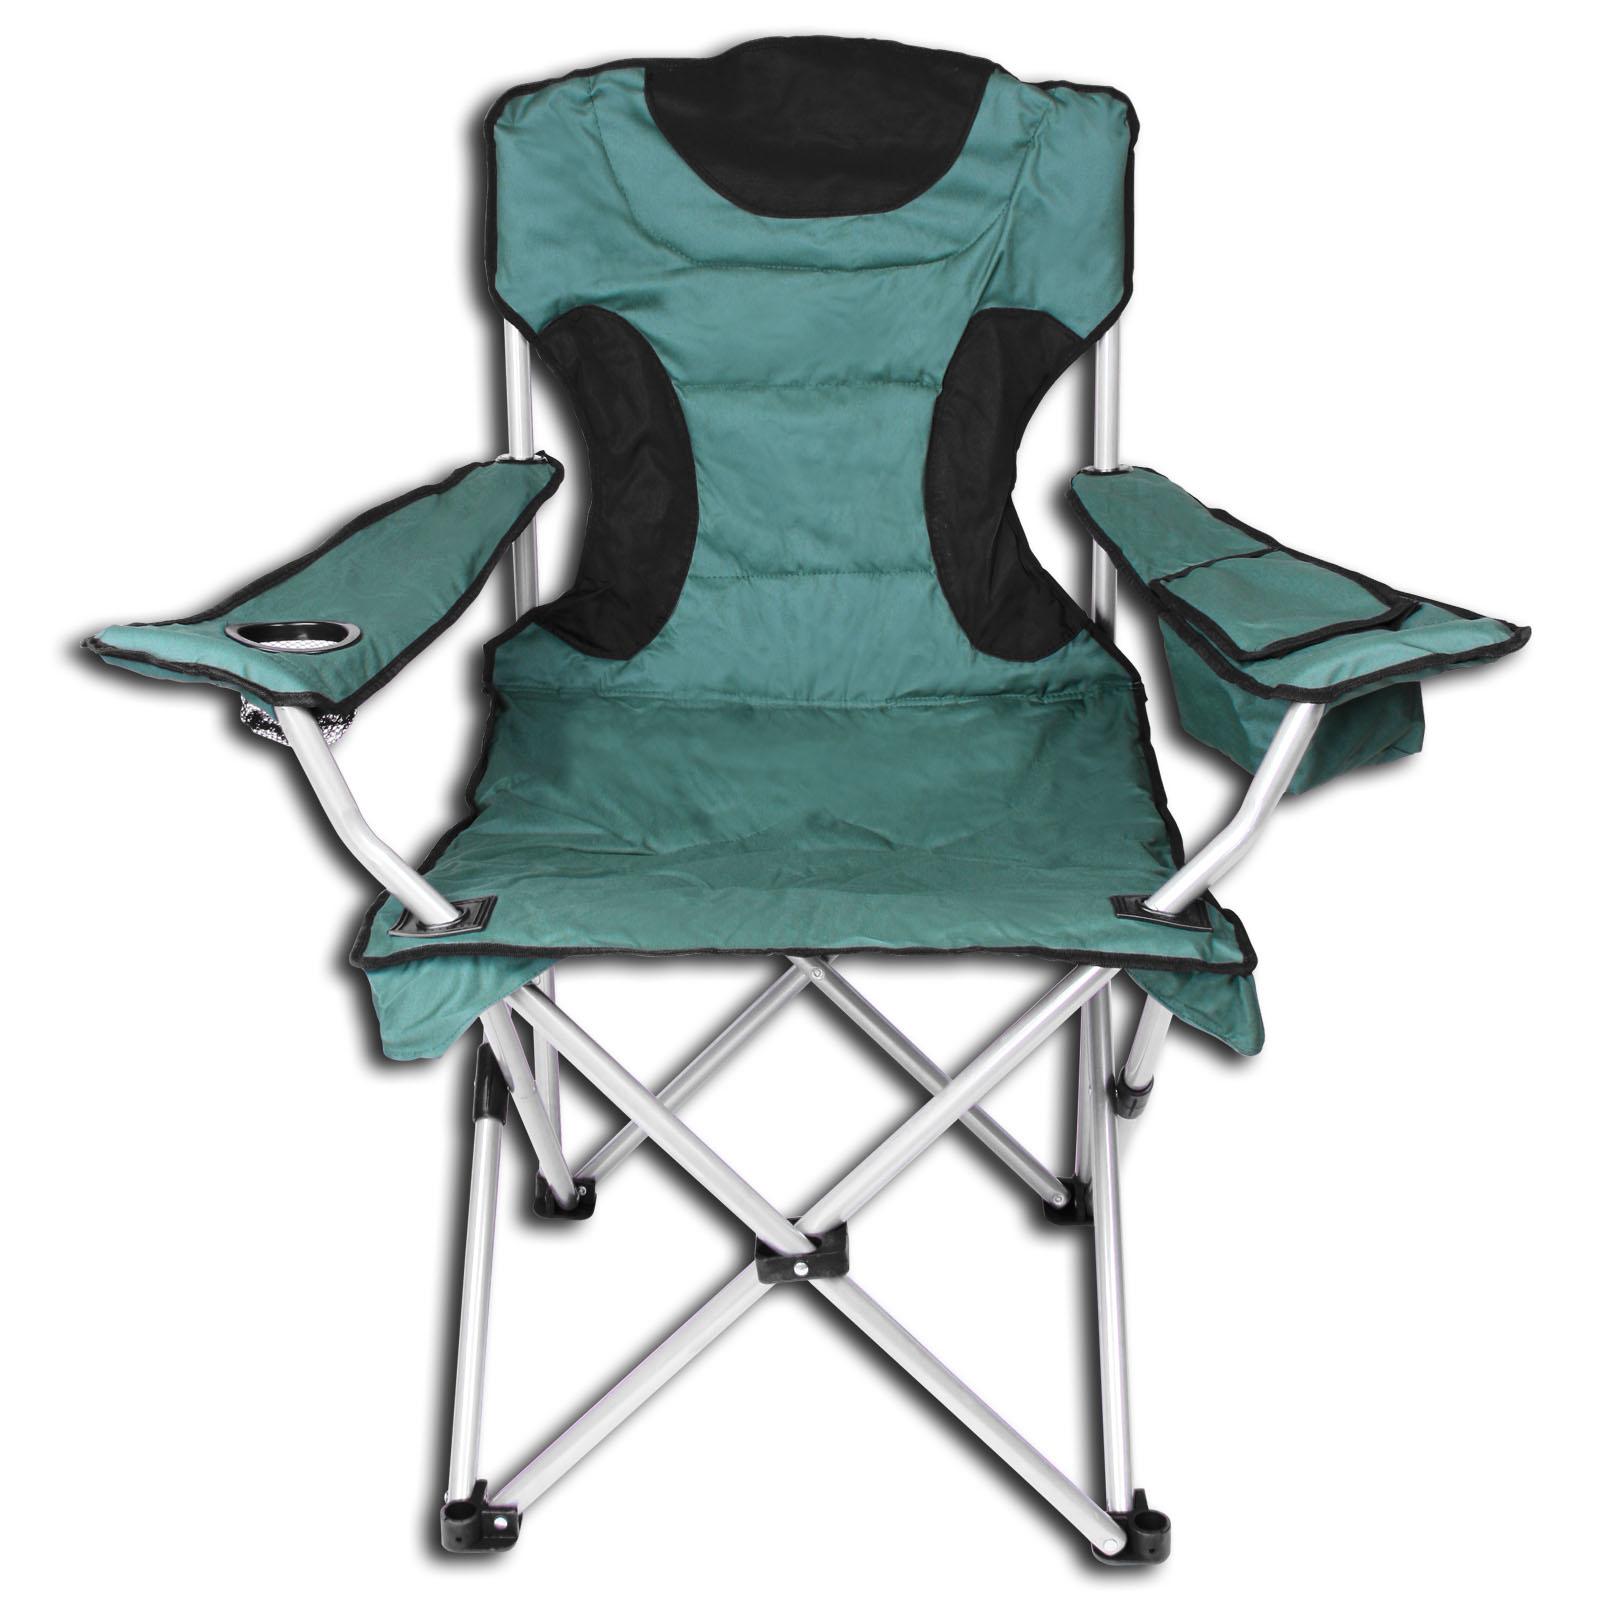 Chaise de camping chaise pliante pliante rembourré Incl. Gris Glacière Gris Incl. ou Rouge a8488f